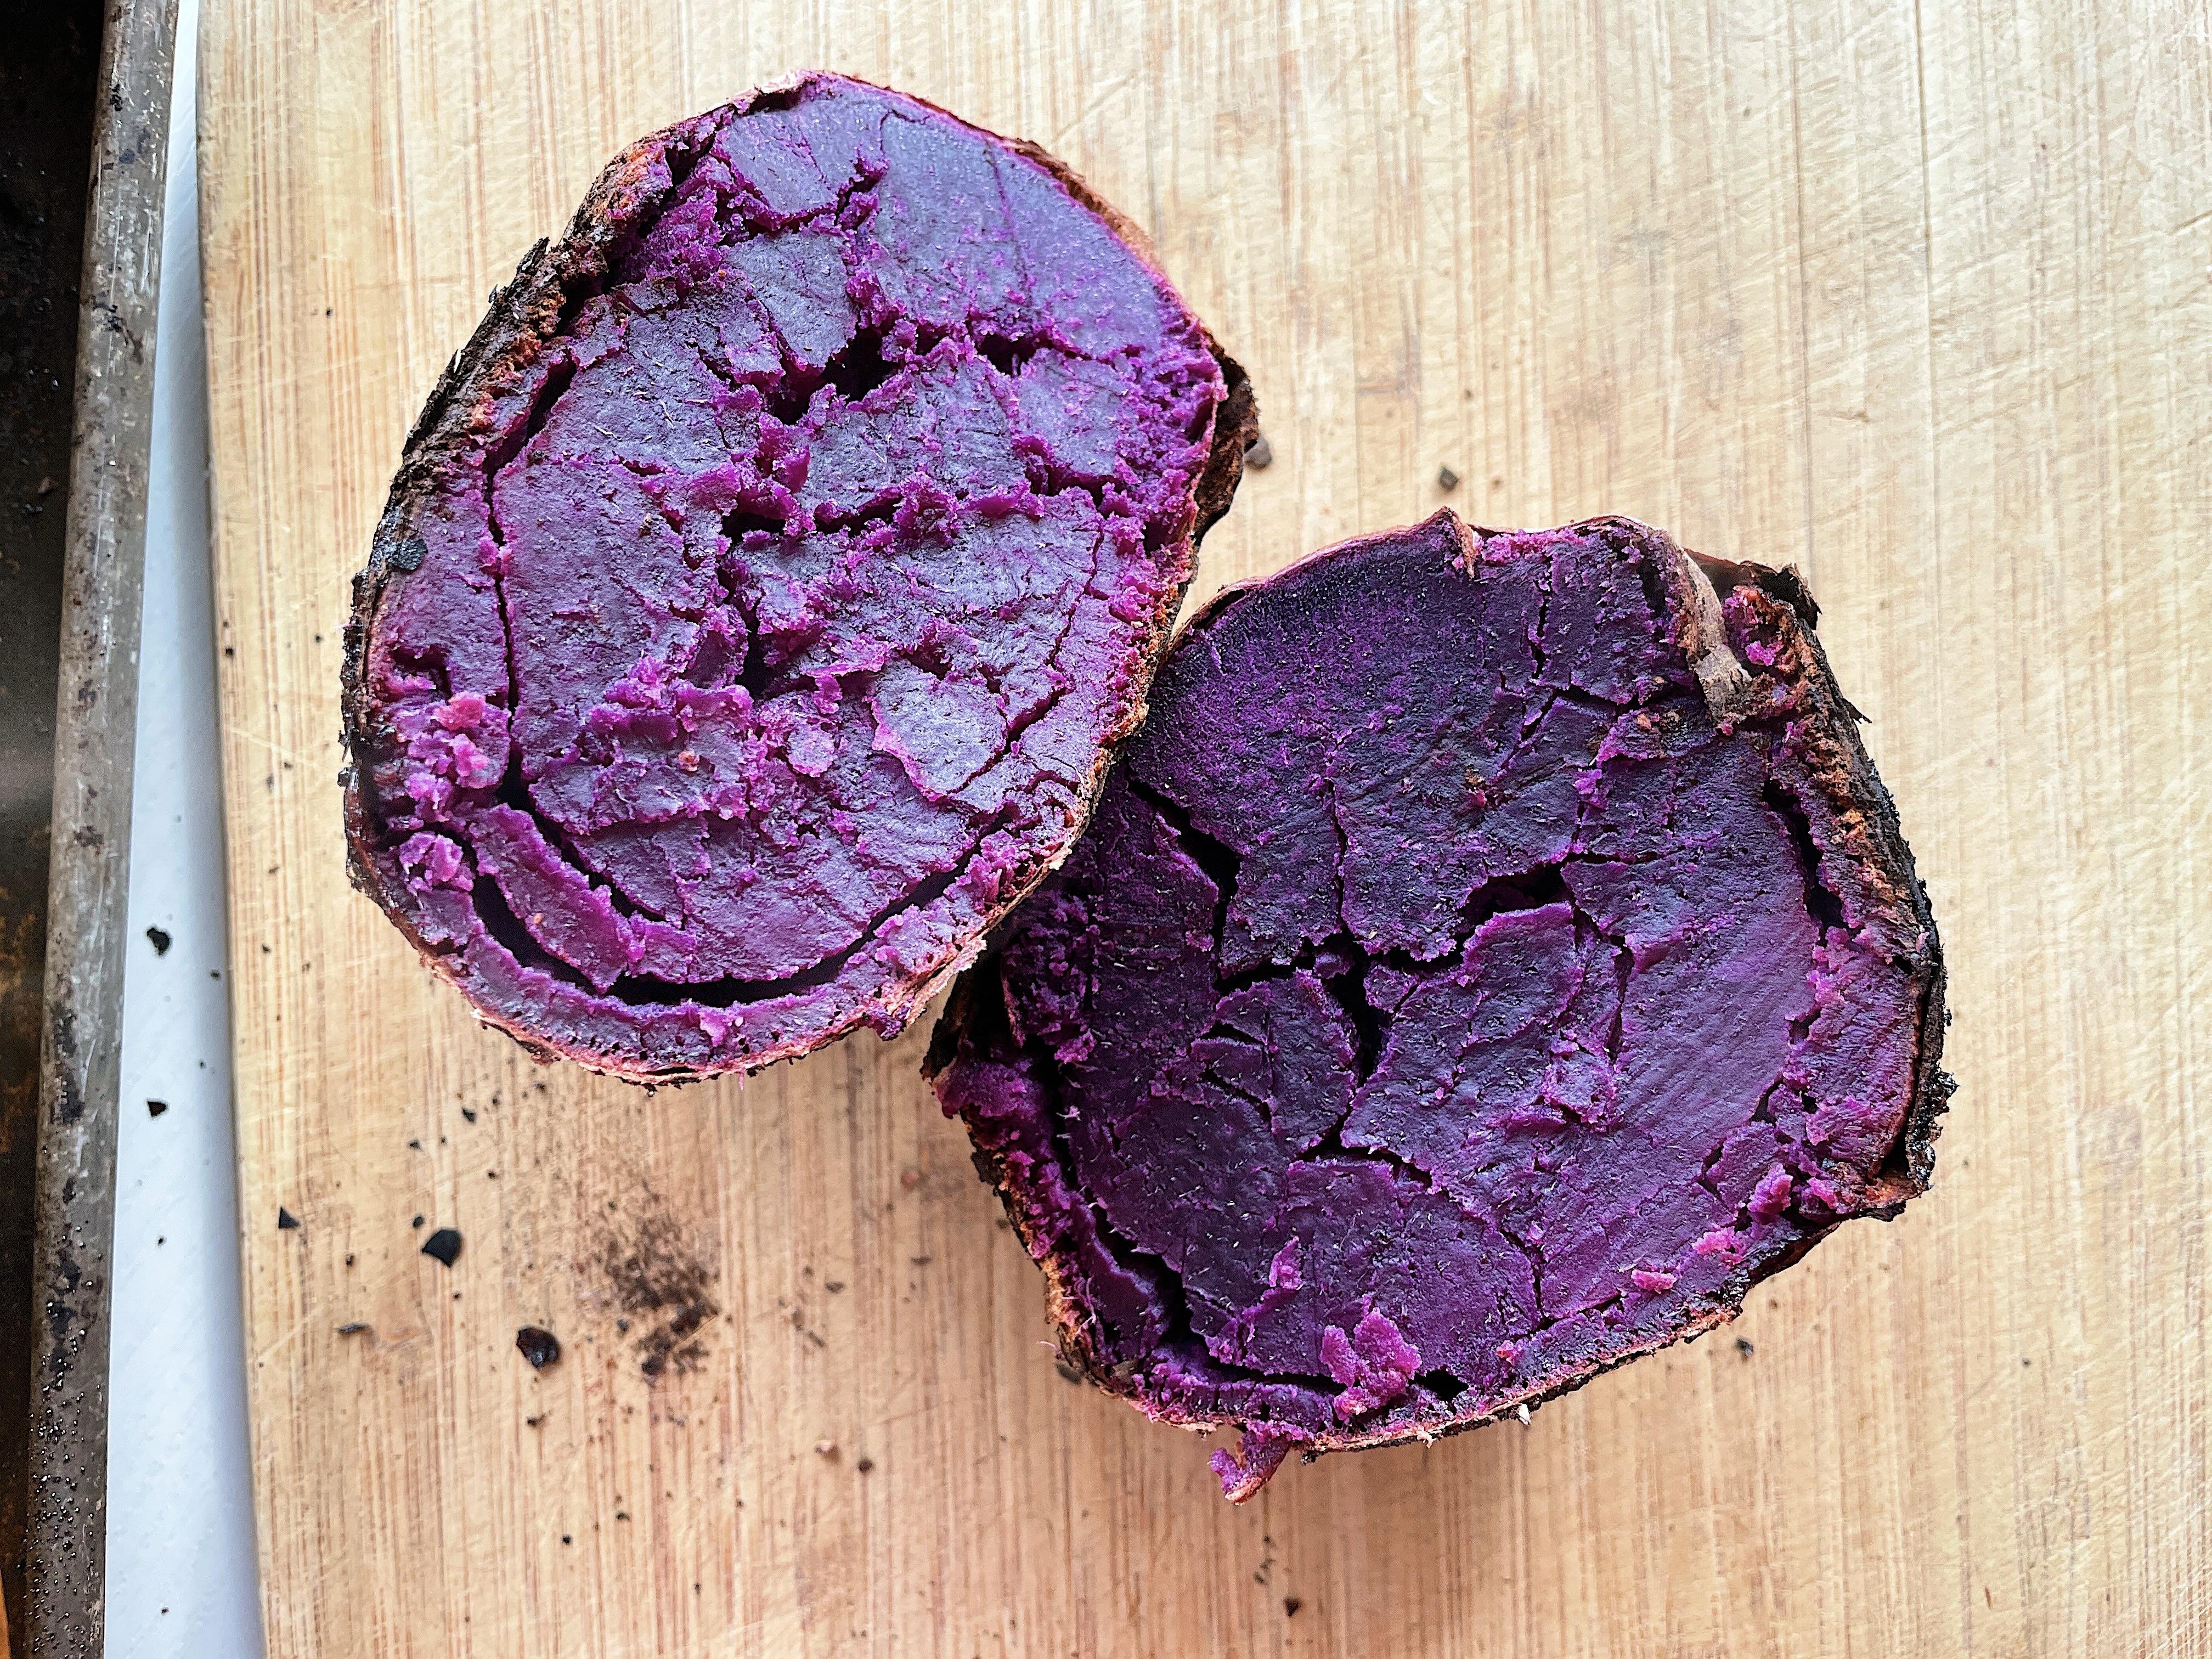 A purple frozen baked sweet potato, split in half